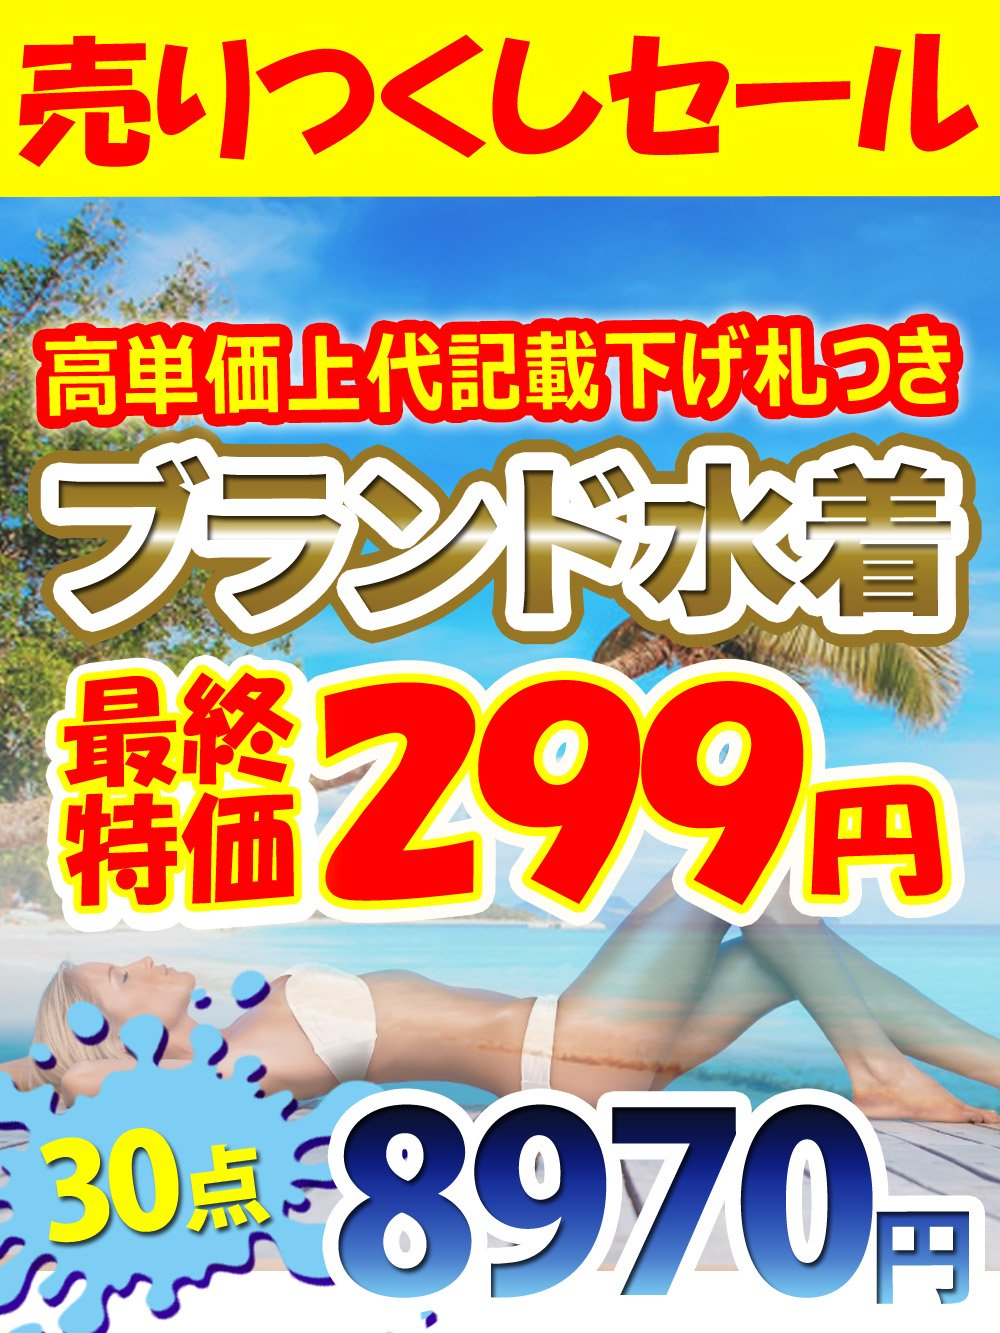 【最終特価】【ブランド水着】売りつくしセール!高単価上代記載の下げ札つき!30点@299